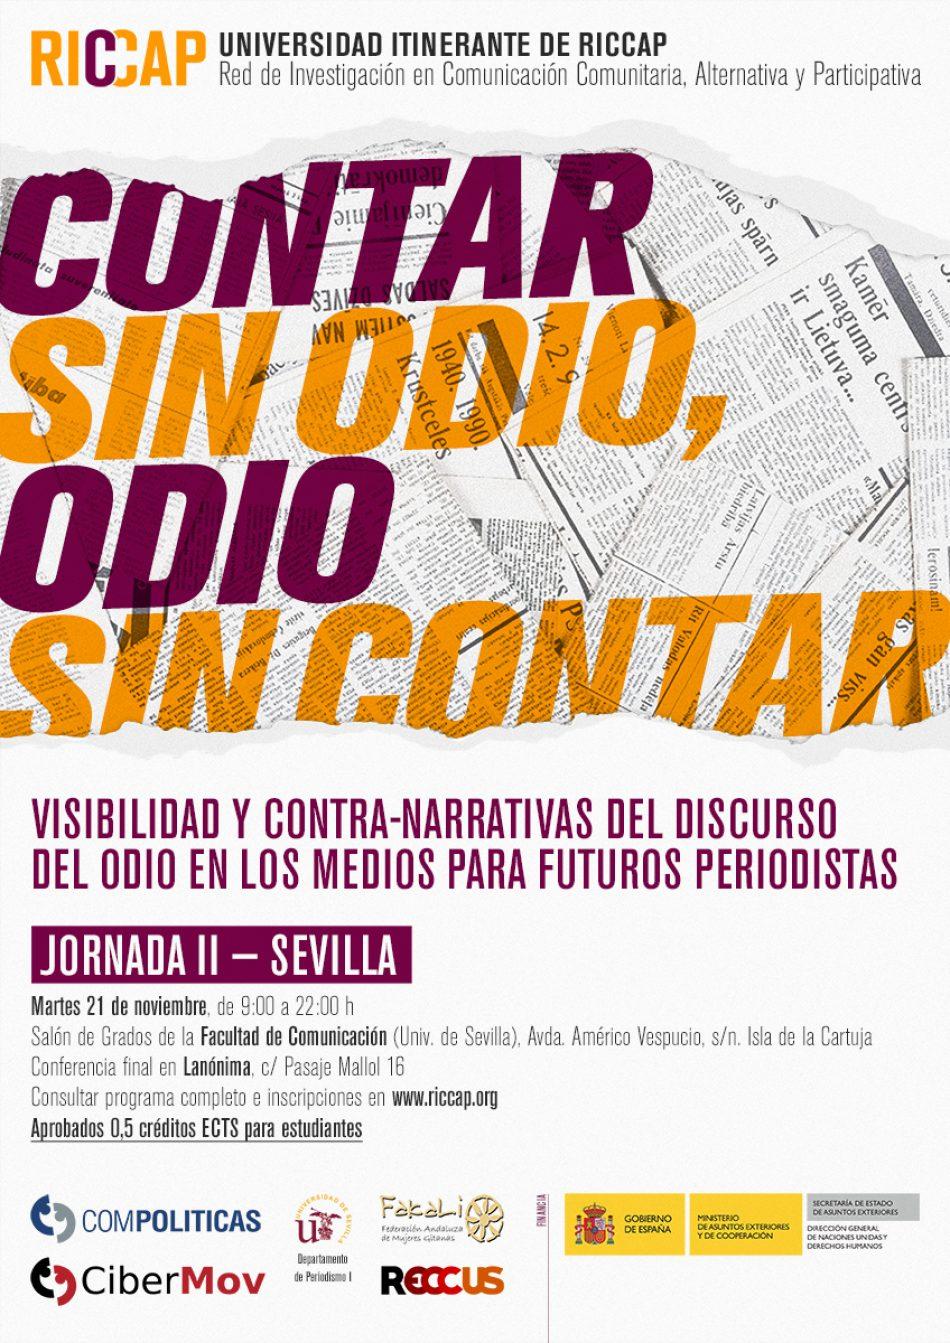 """Jornadas sobre el """"discurso del odio"""" en los medios de comunicación en la Facultad de Comunicación y Lanónima"""